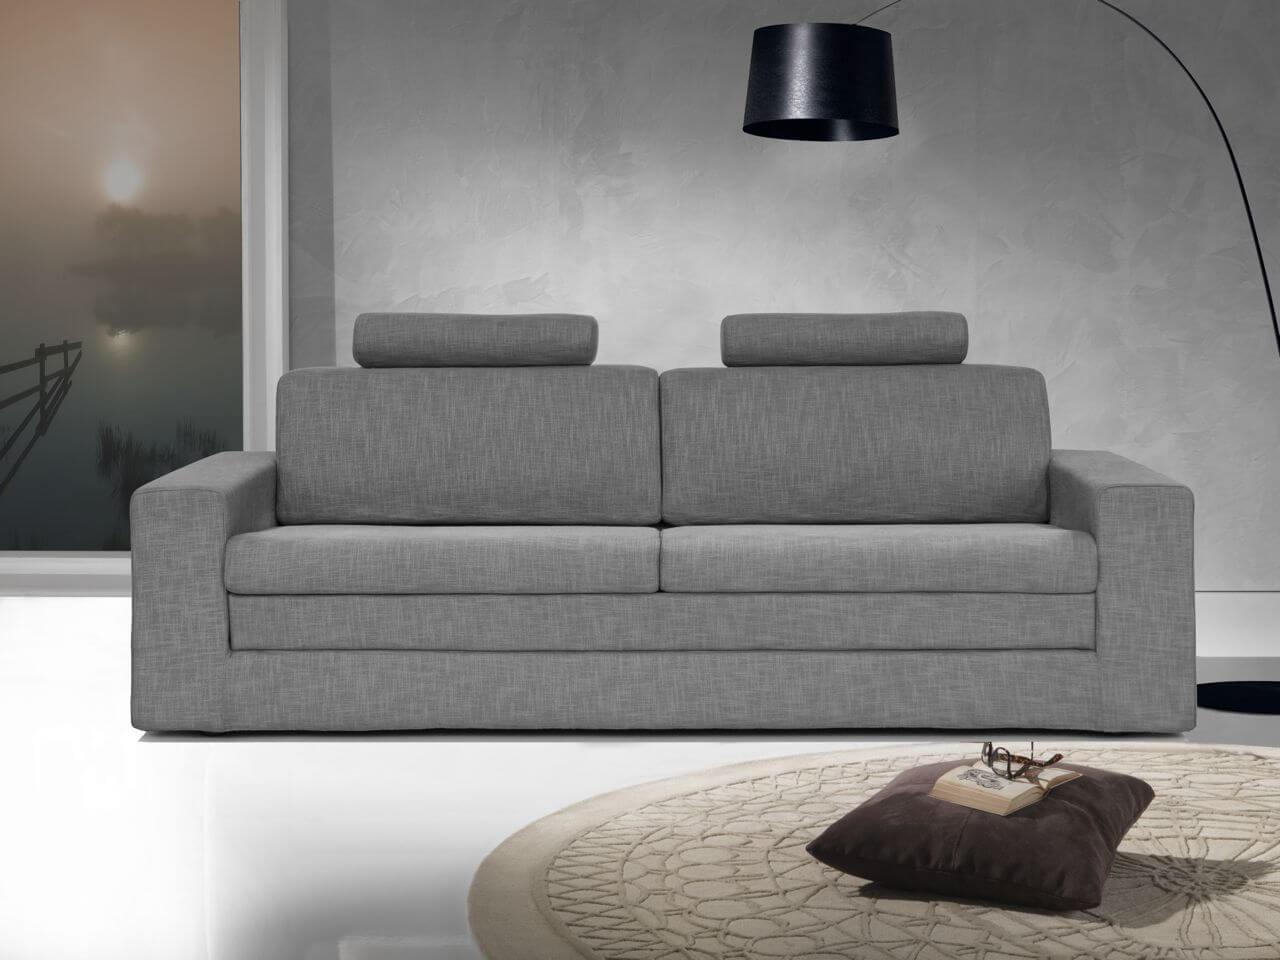 Divano letto modello milano girevole singolo arredamento zona giorno divani e poltrone divani for Divani e divani divani letto